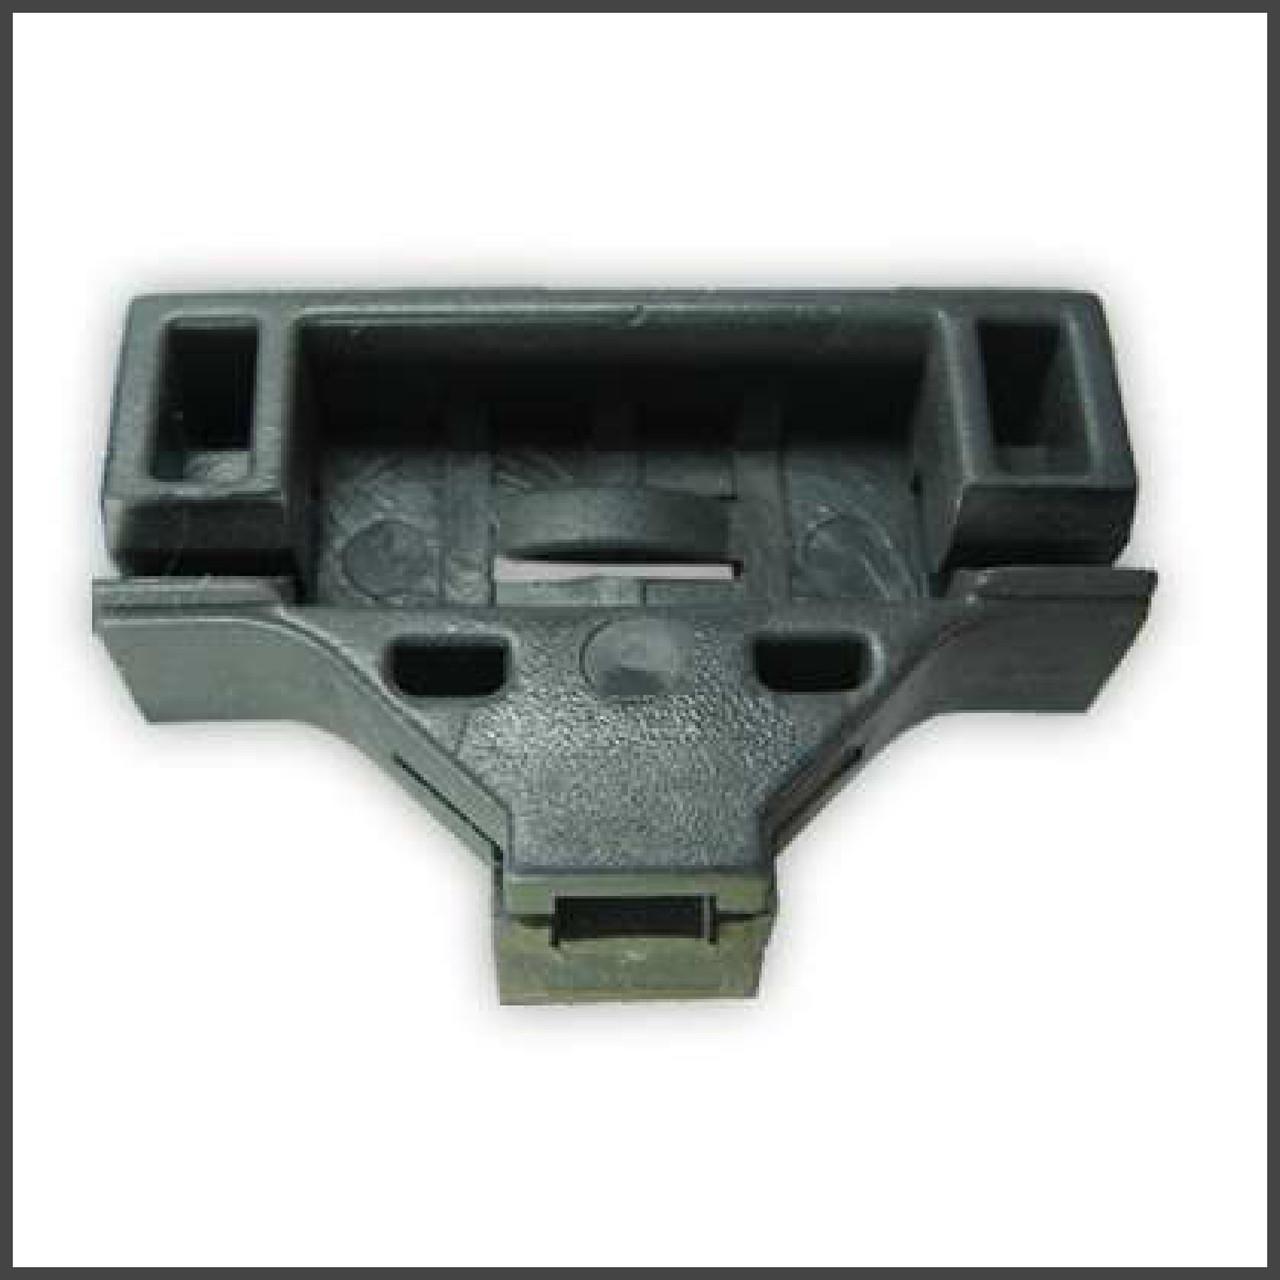 Механизм стеклоподъемника фиксатор скрепка передняя правая / левая дверь Volkswagen, Seat (Front R / L)